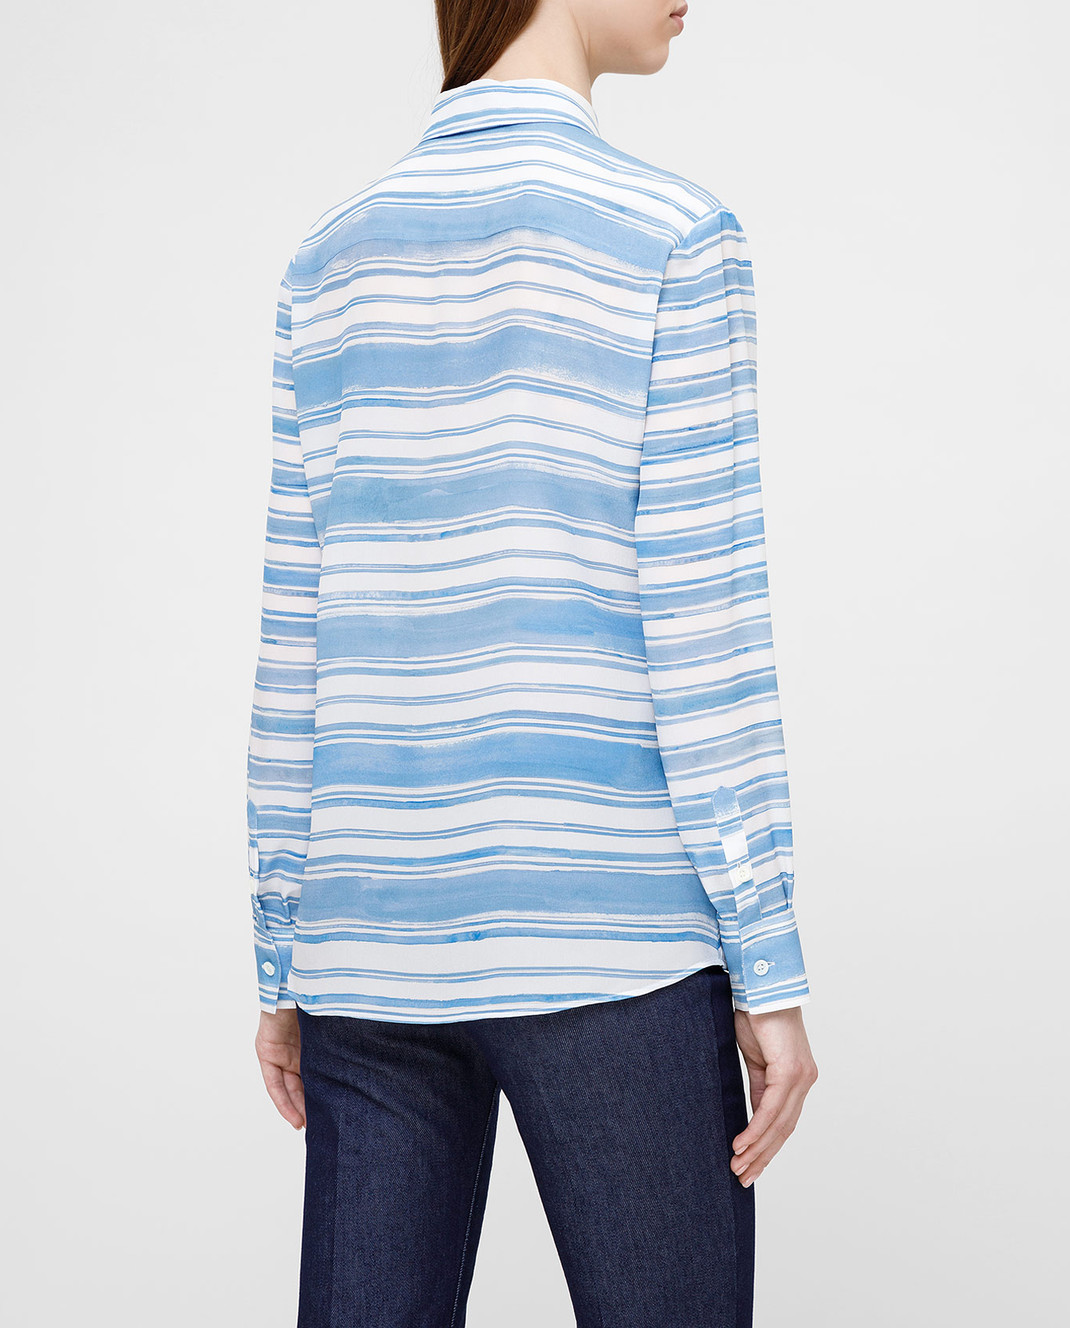 Altuzarra Голубая рубашка из шелка изображение 4